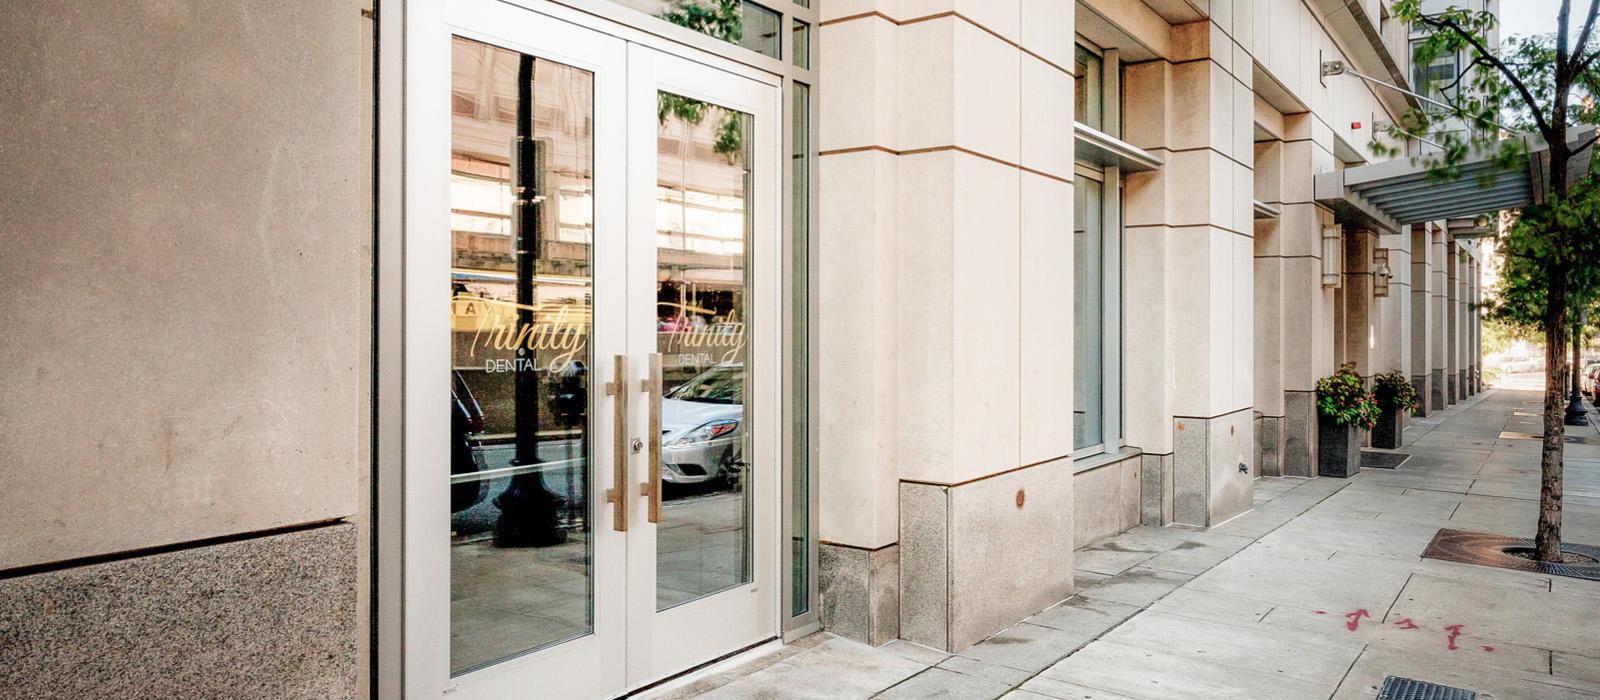 Trinity Dental front doors